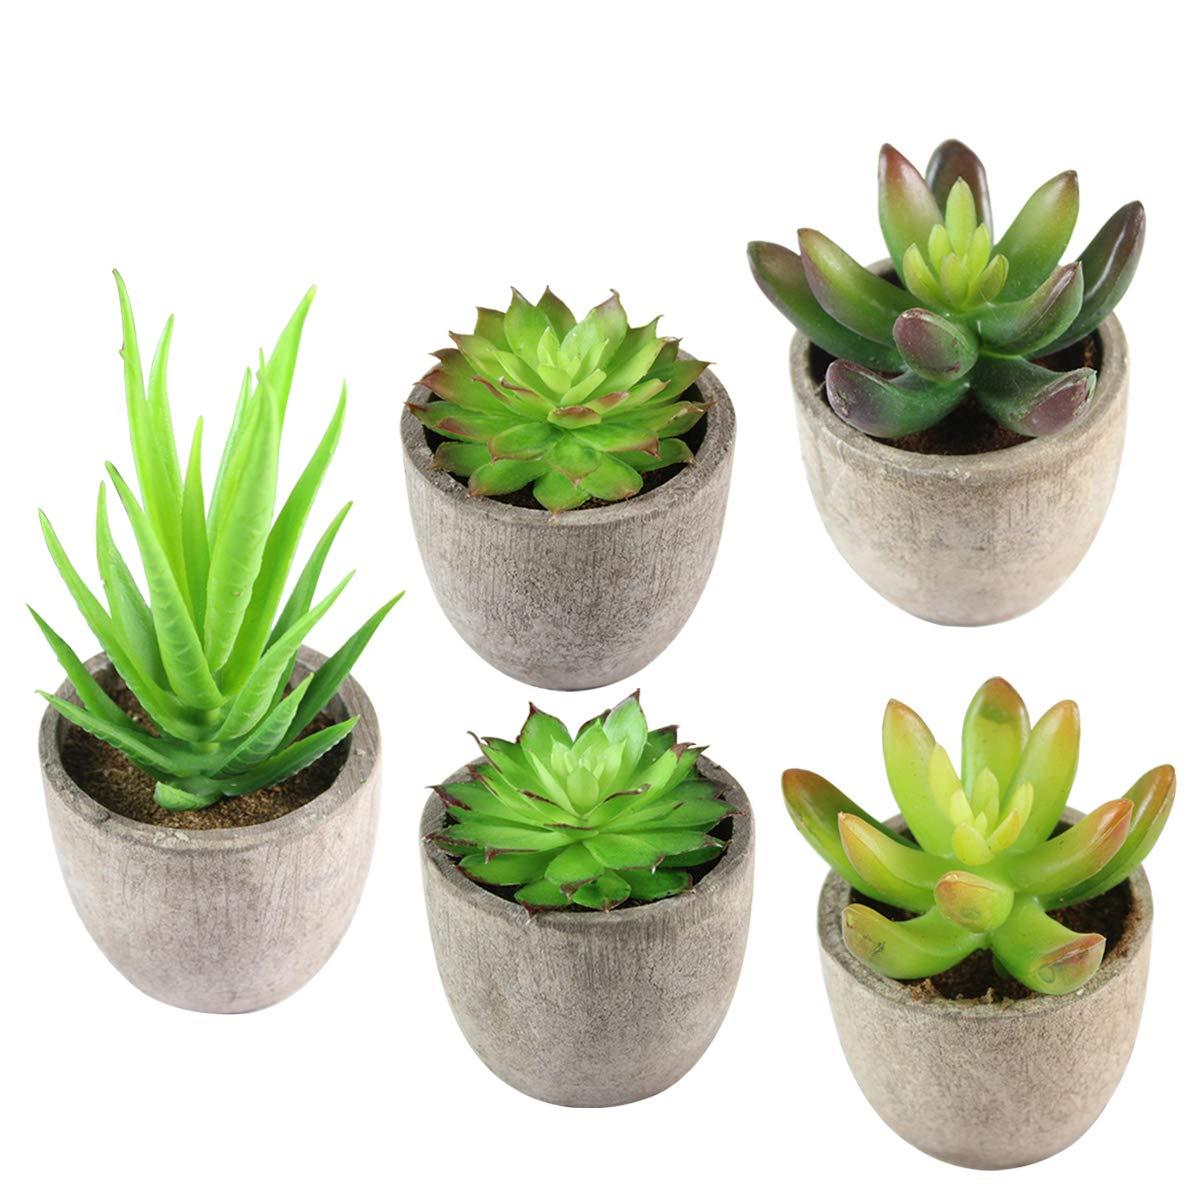 Artificial Succulent Plants, KidsHobby 5PCS Fake Succulent Planter Assorted Potted Faux Cacti Plants, Small Succulent Plants with Gray Pots for Home Office Decor